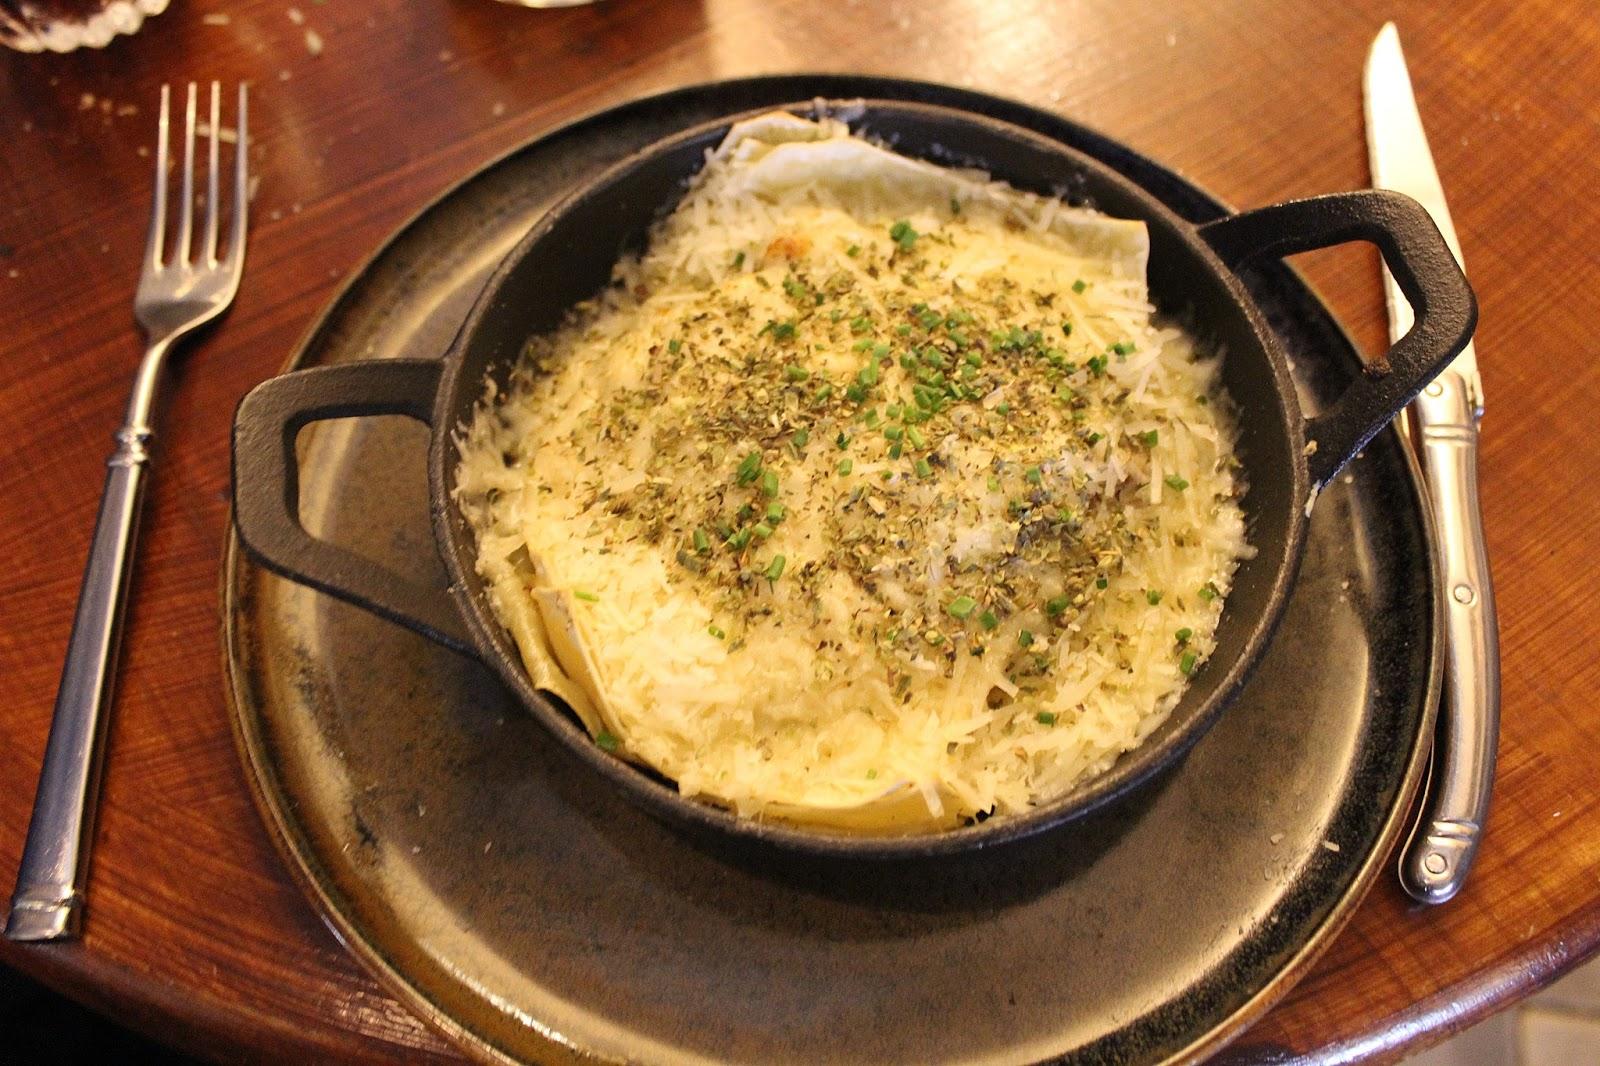 restaurante-teckel-madrid-ragout-vaca